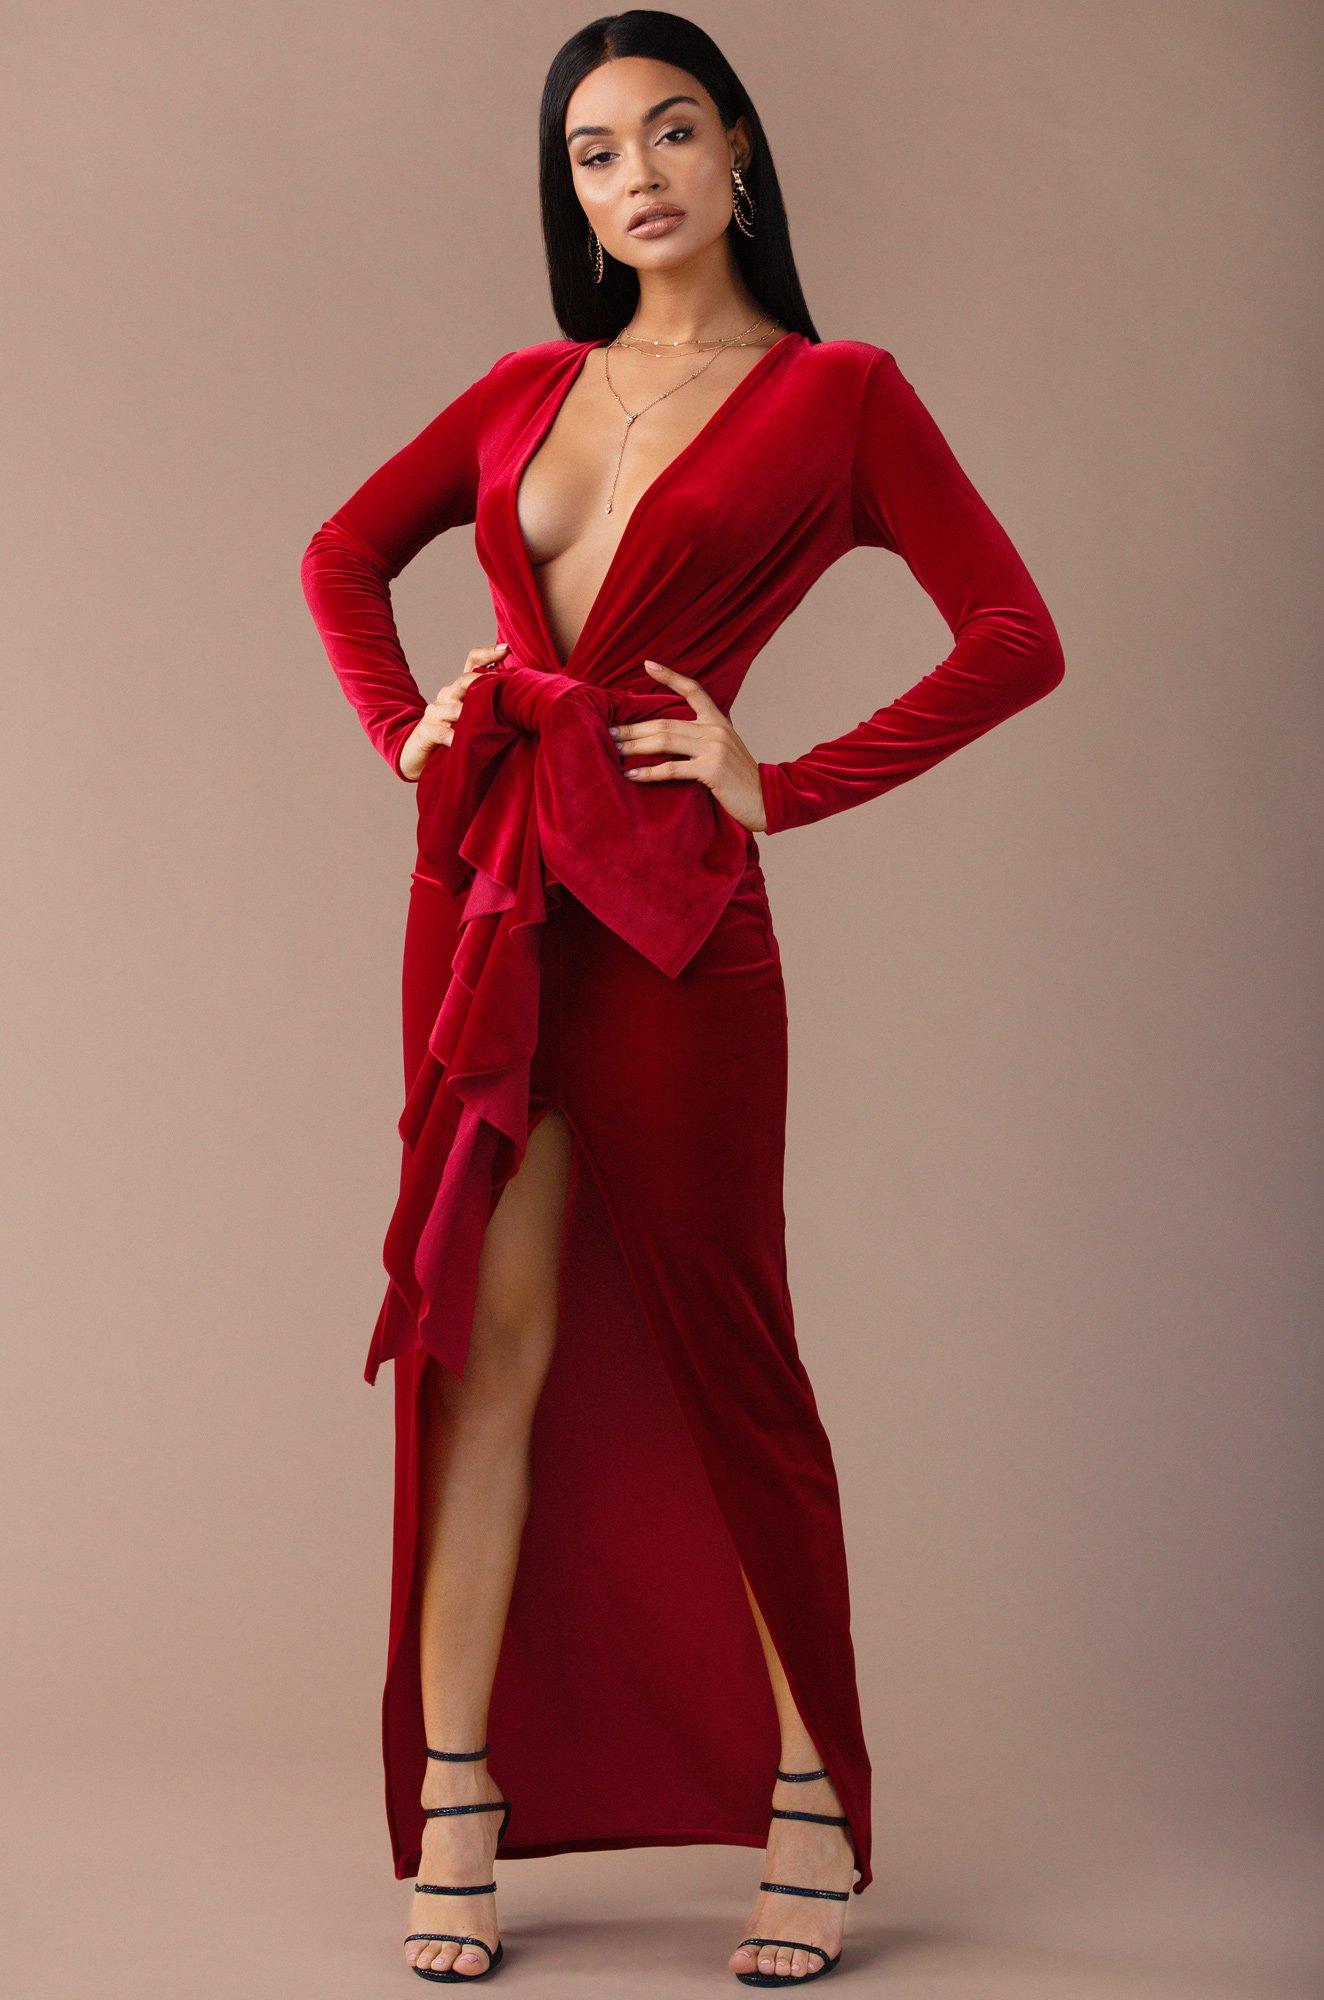 When We Touch - Red Dress Found @MissLola